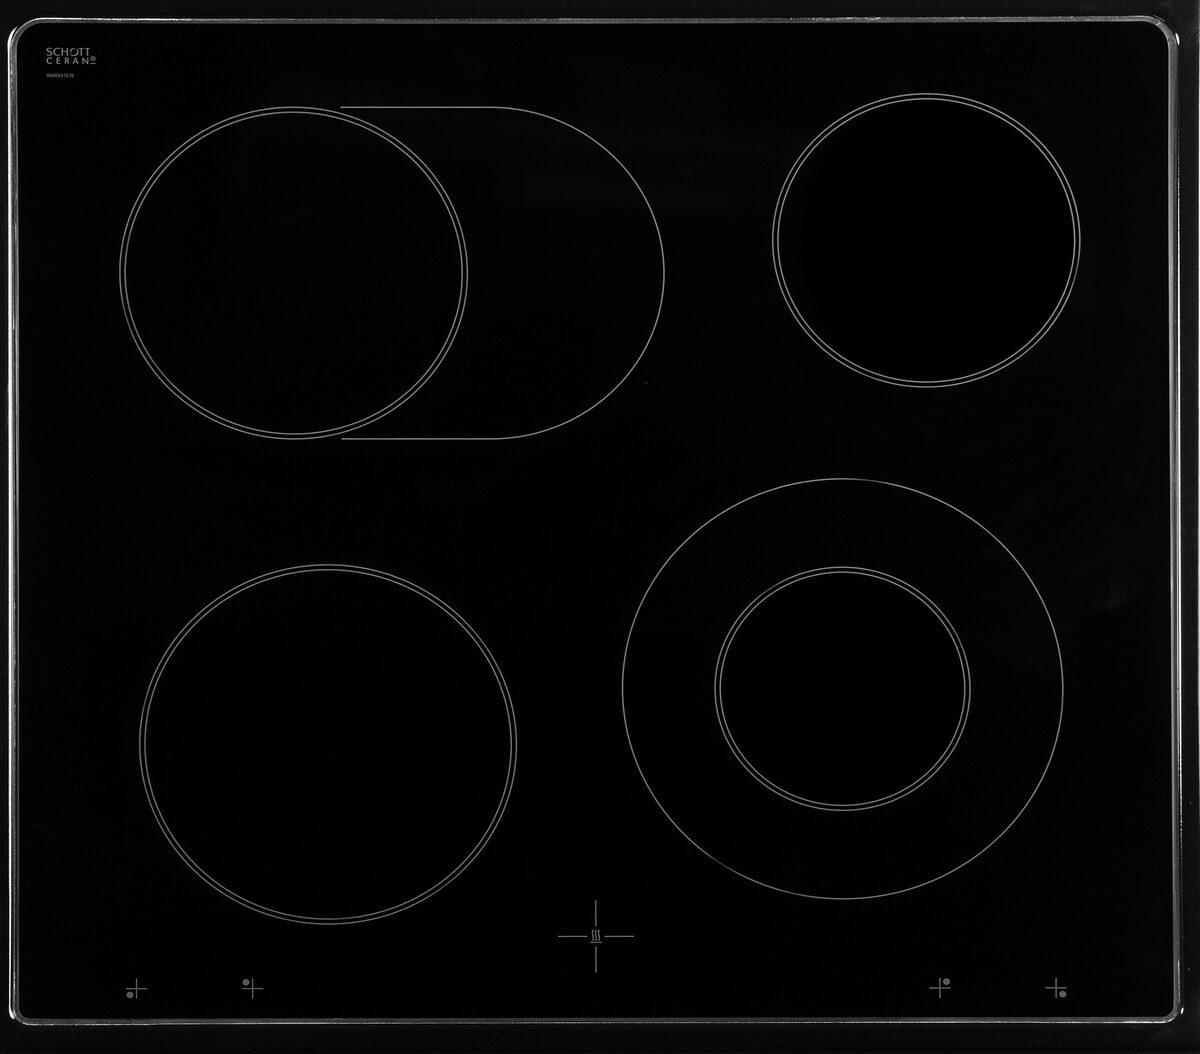 Bild 4 von SIEMENS Elektro-Standherd HK9R30250, mit Teleskopauszug nachrüstbar